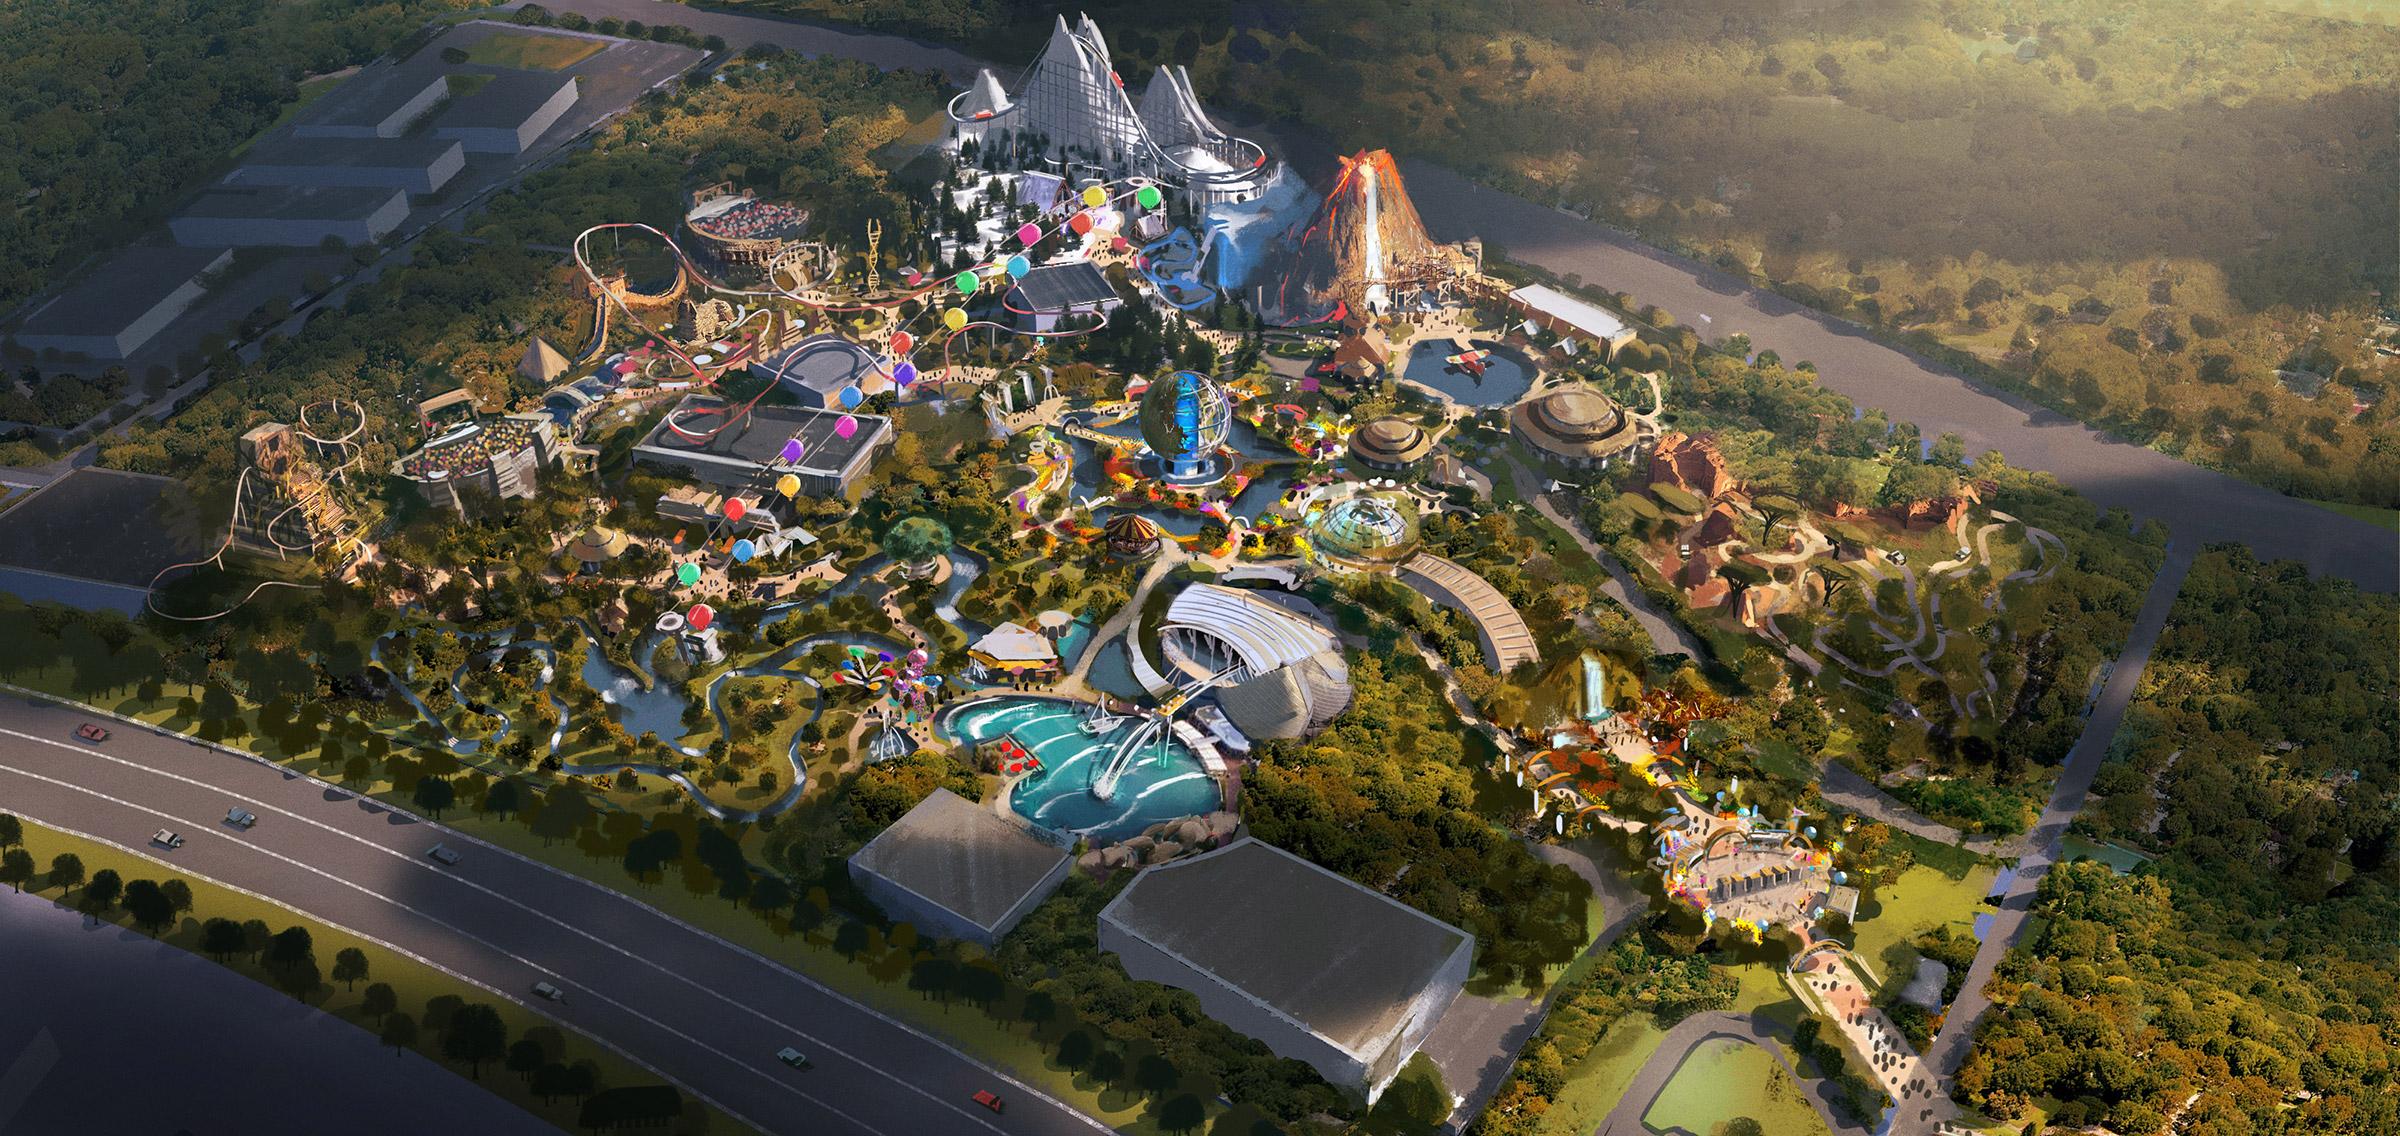 BBC Earth Theme Park